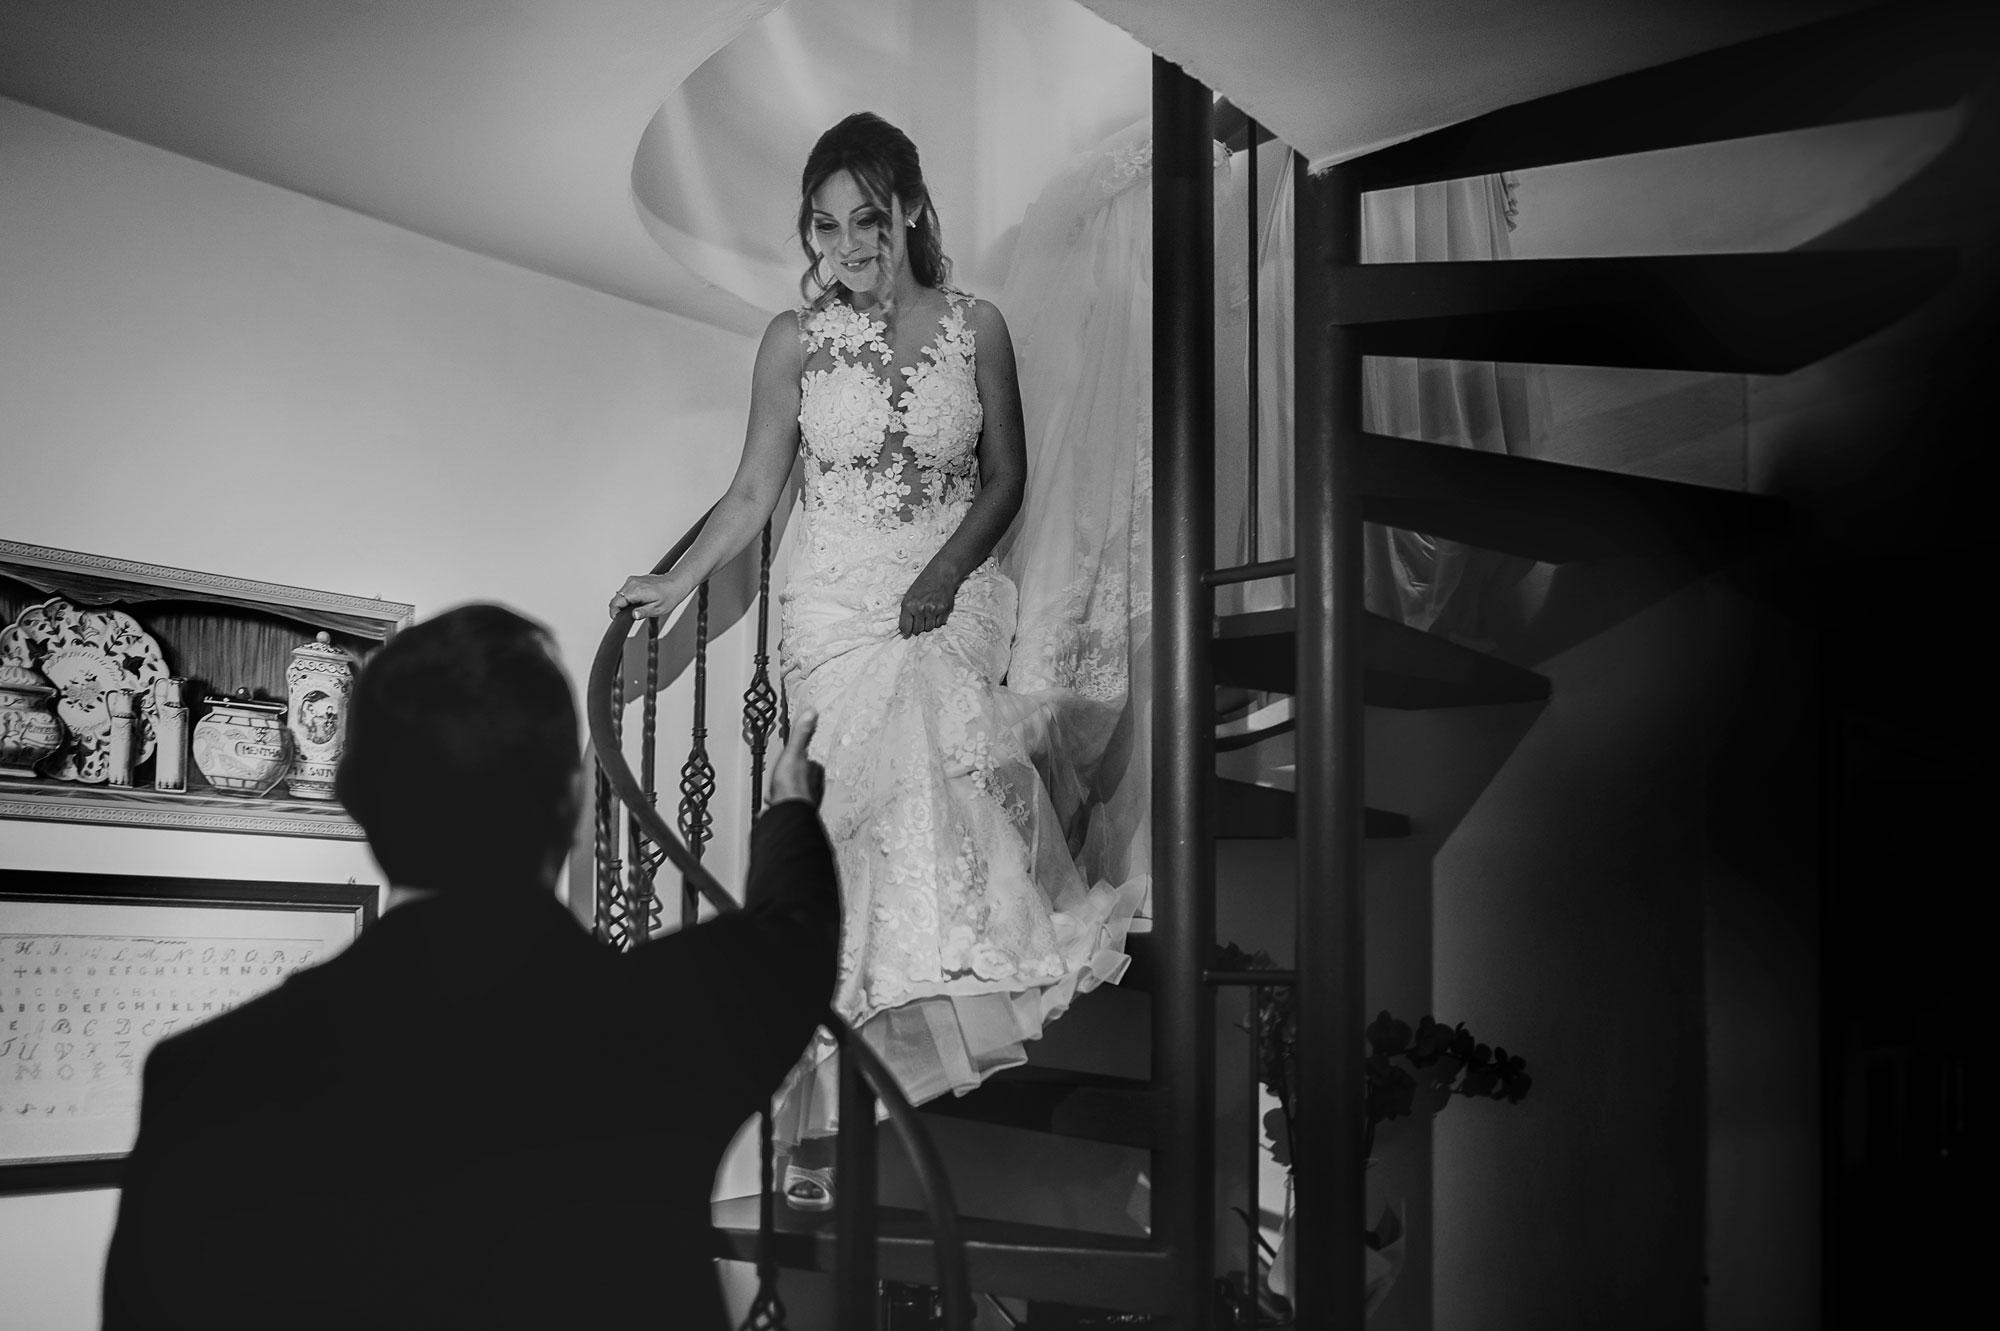 Il padre della sposa: Fotografia di un attimo perfetto